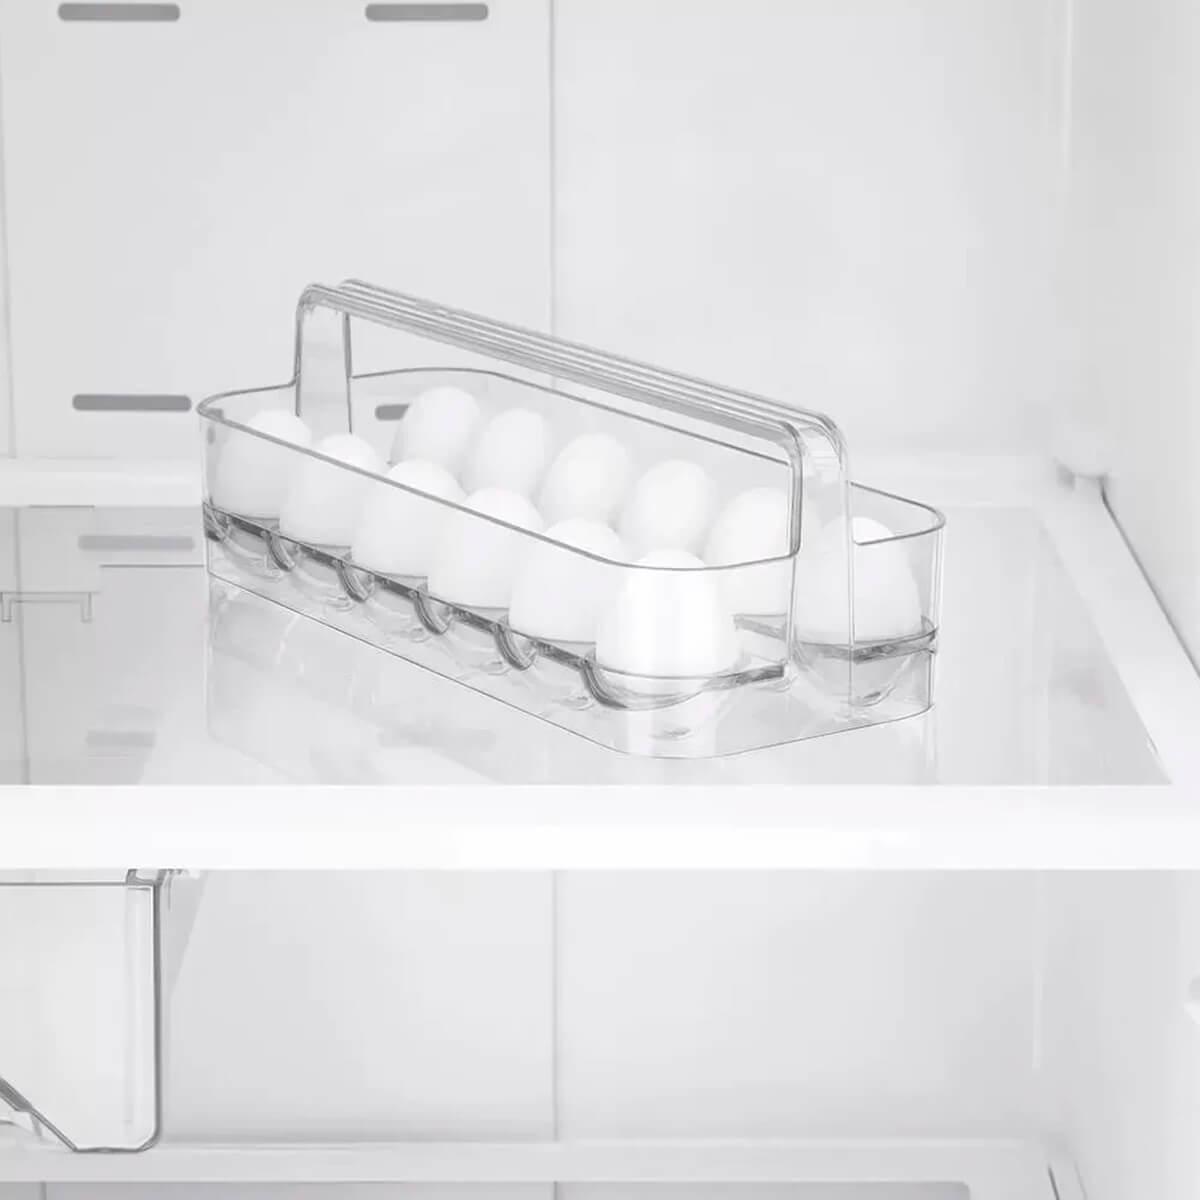 Porta-Ovos Para Refrigerador Electrolux - 67403310